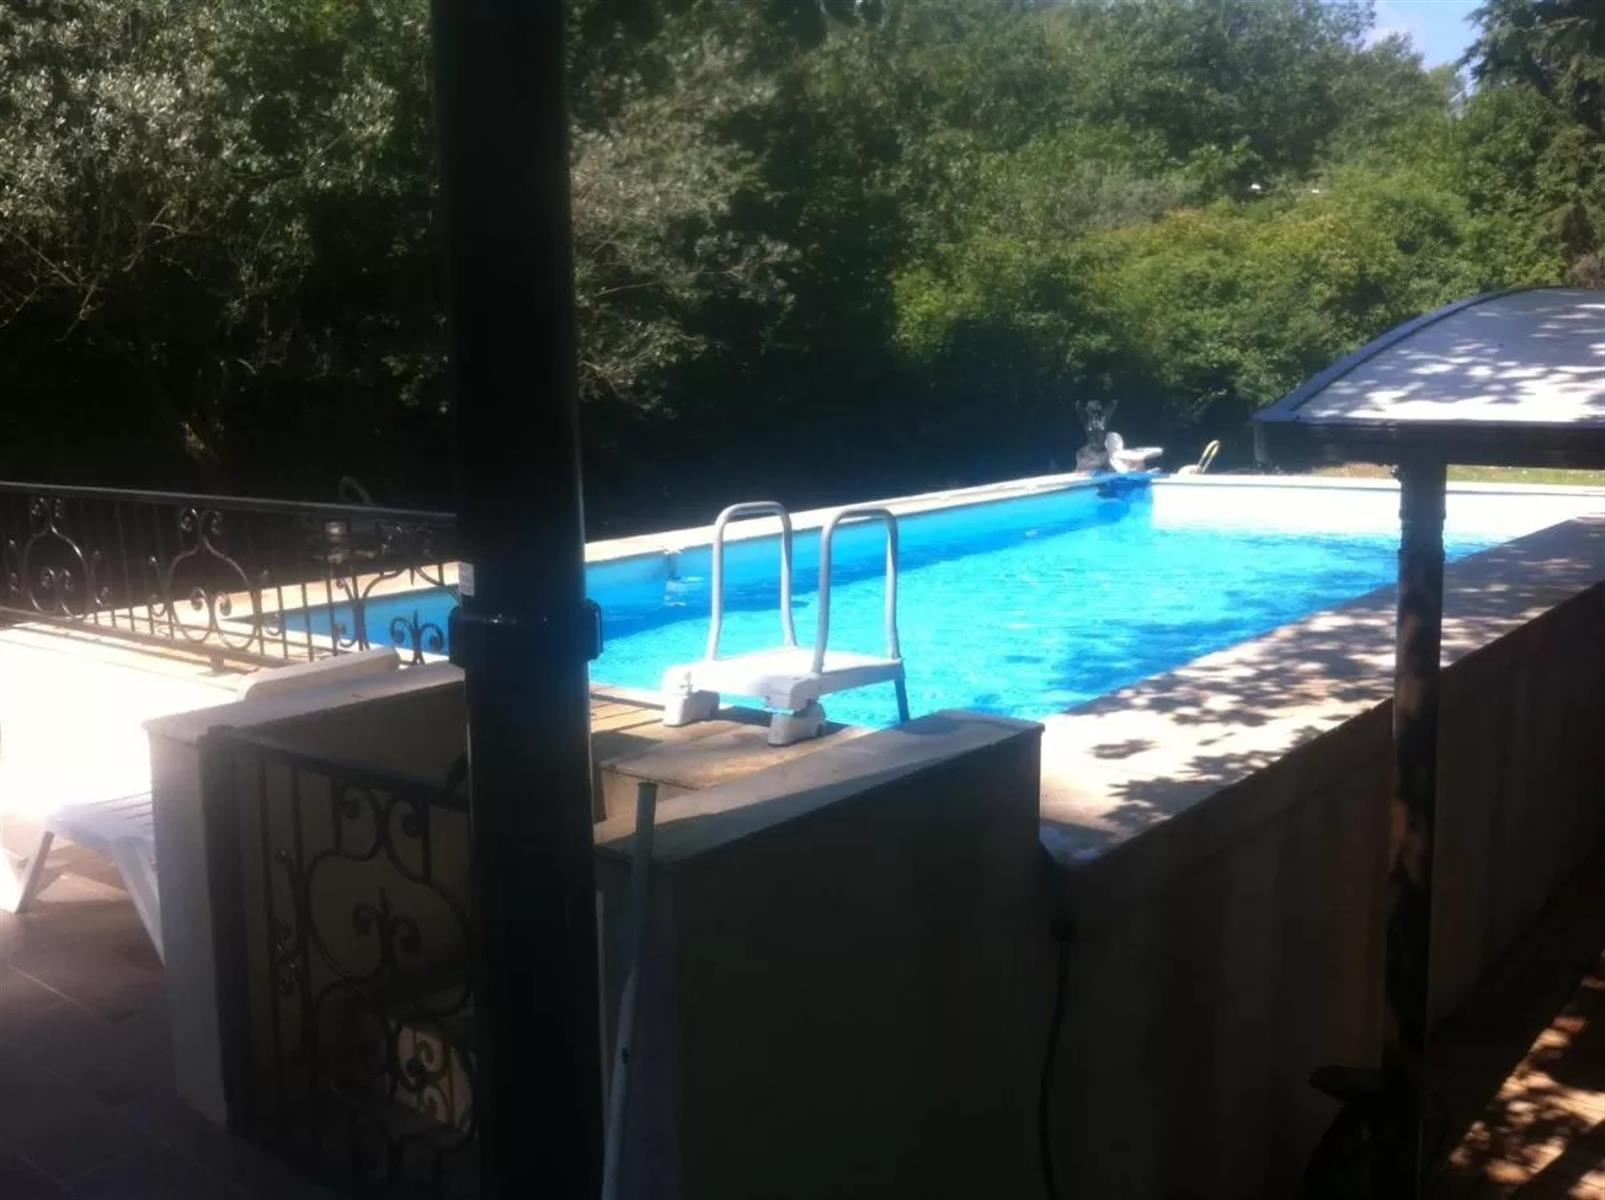 Maison de vacances - Callas - #4288981-7